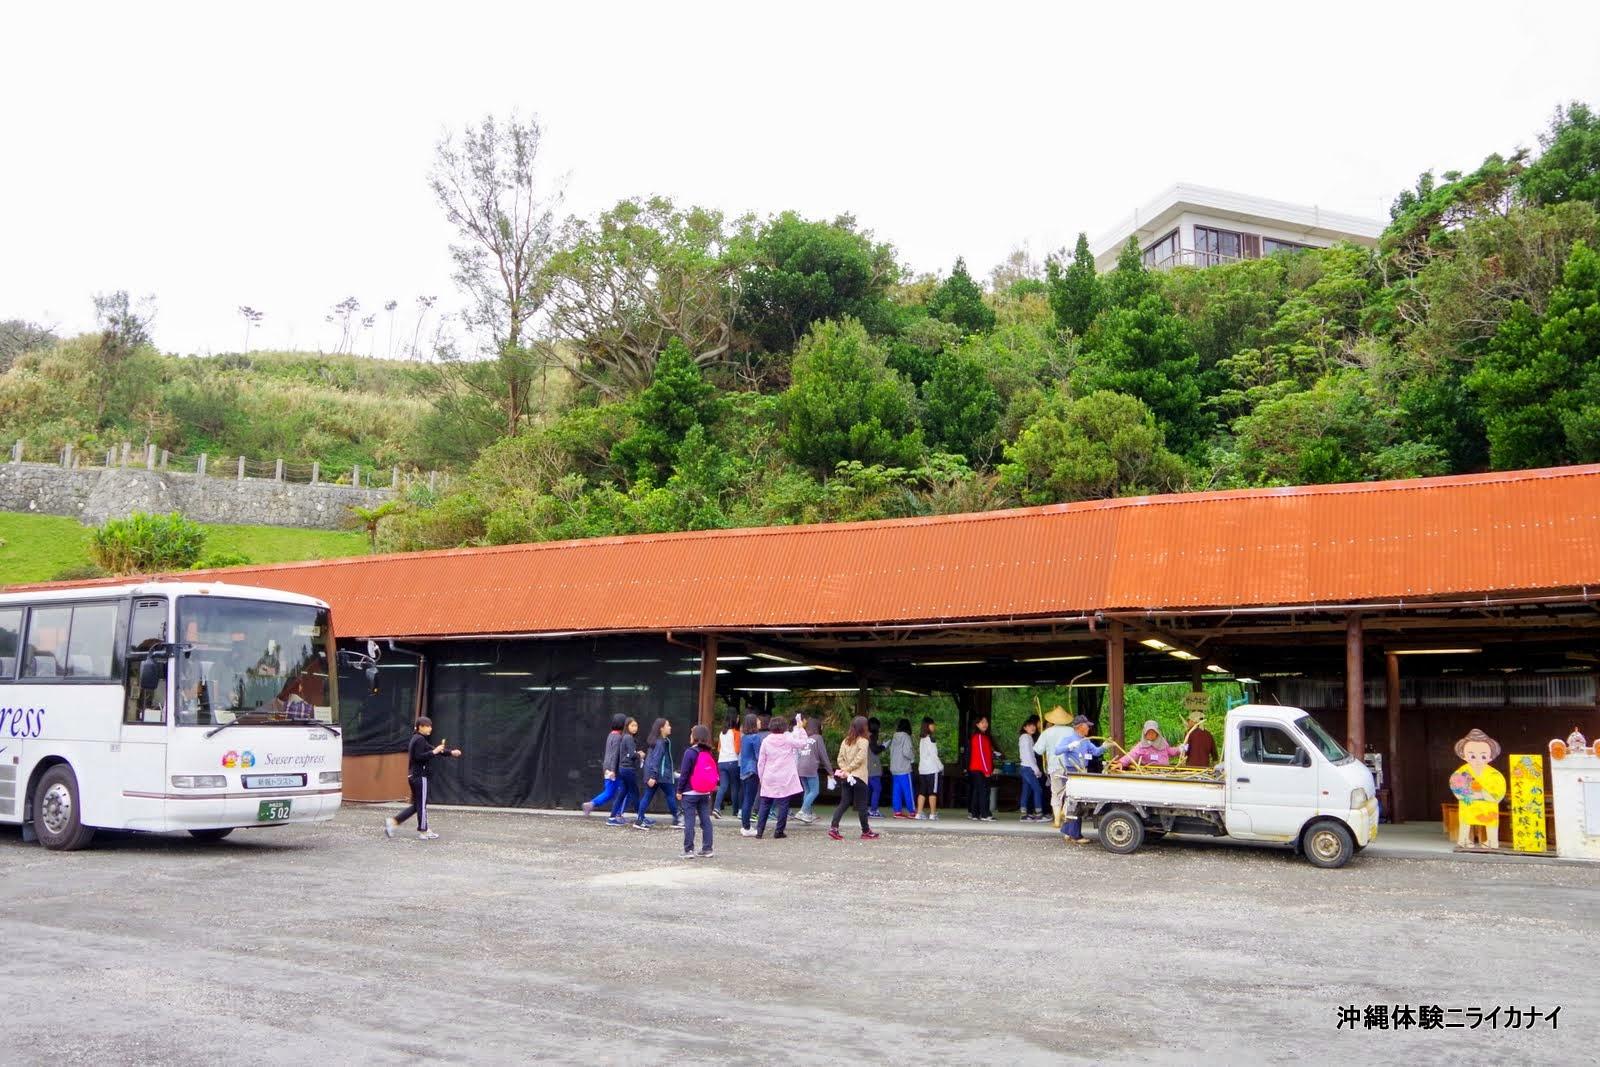 沖縄体験ニライカナイ ~恩納村の体験/観光ブログ~